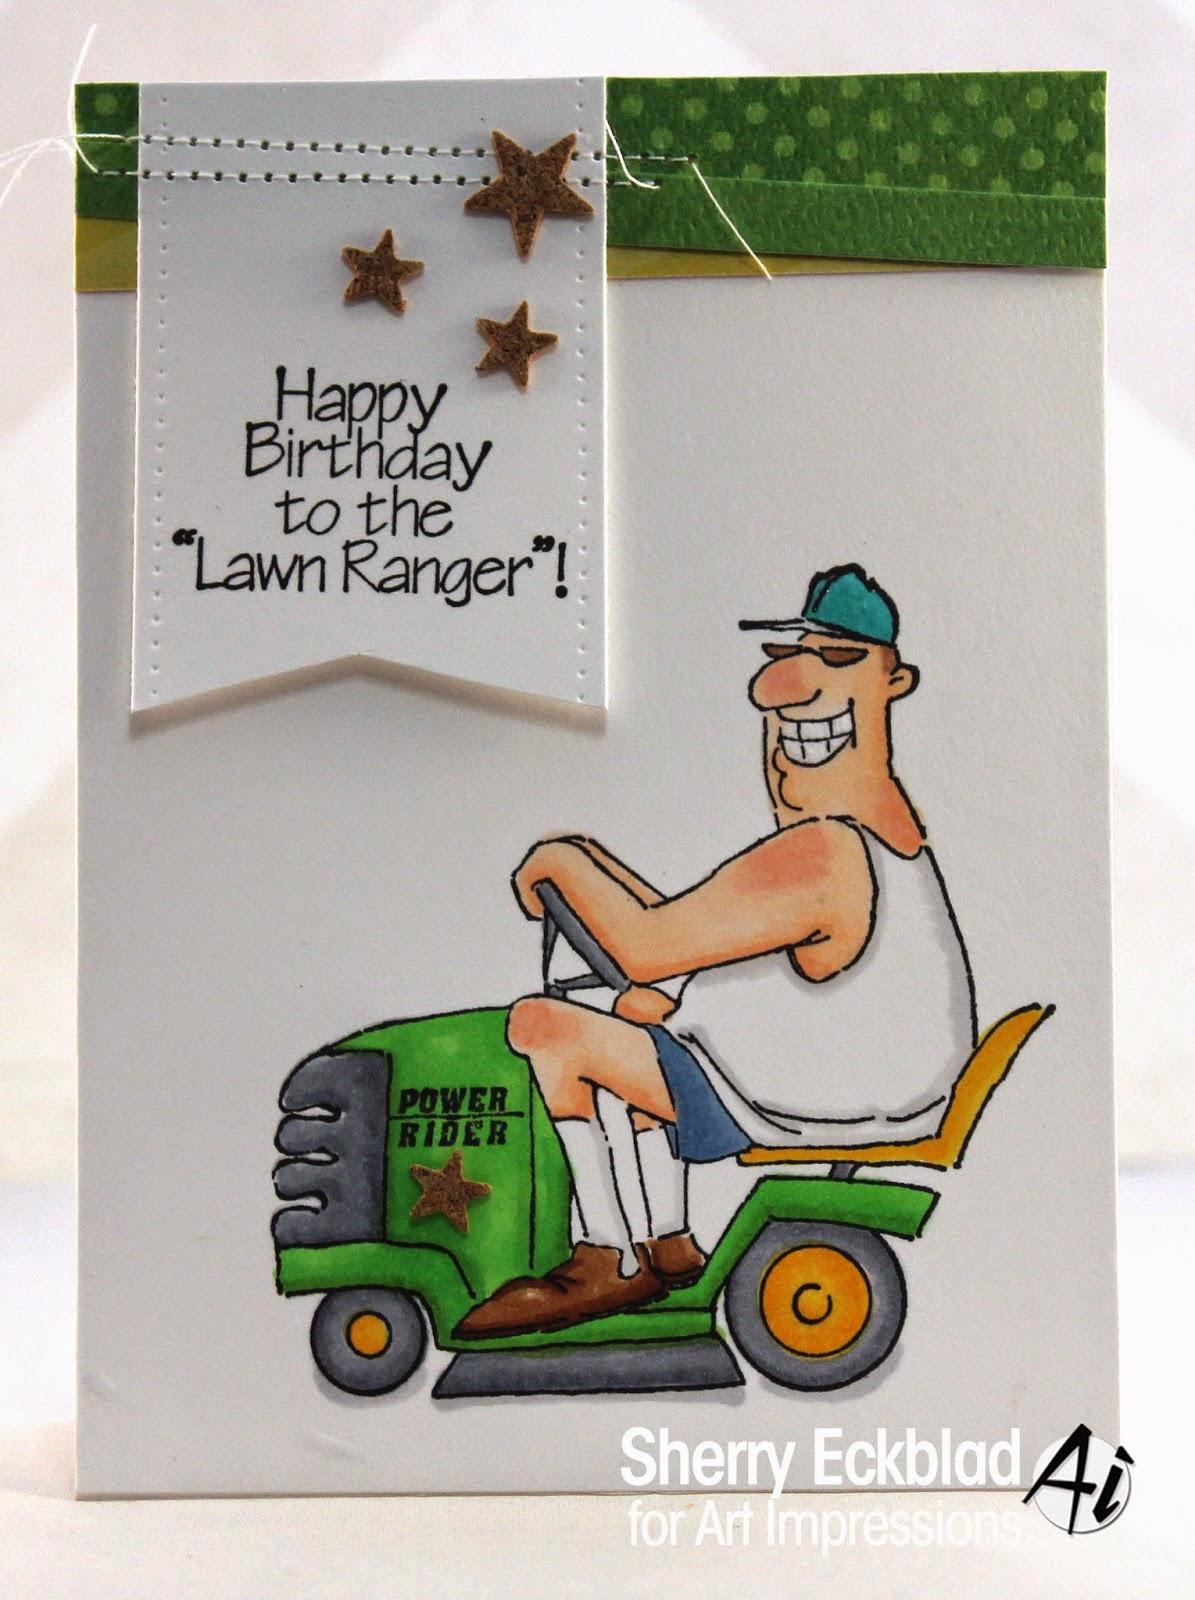 4102 - The Lawn Ranger Set